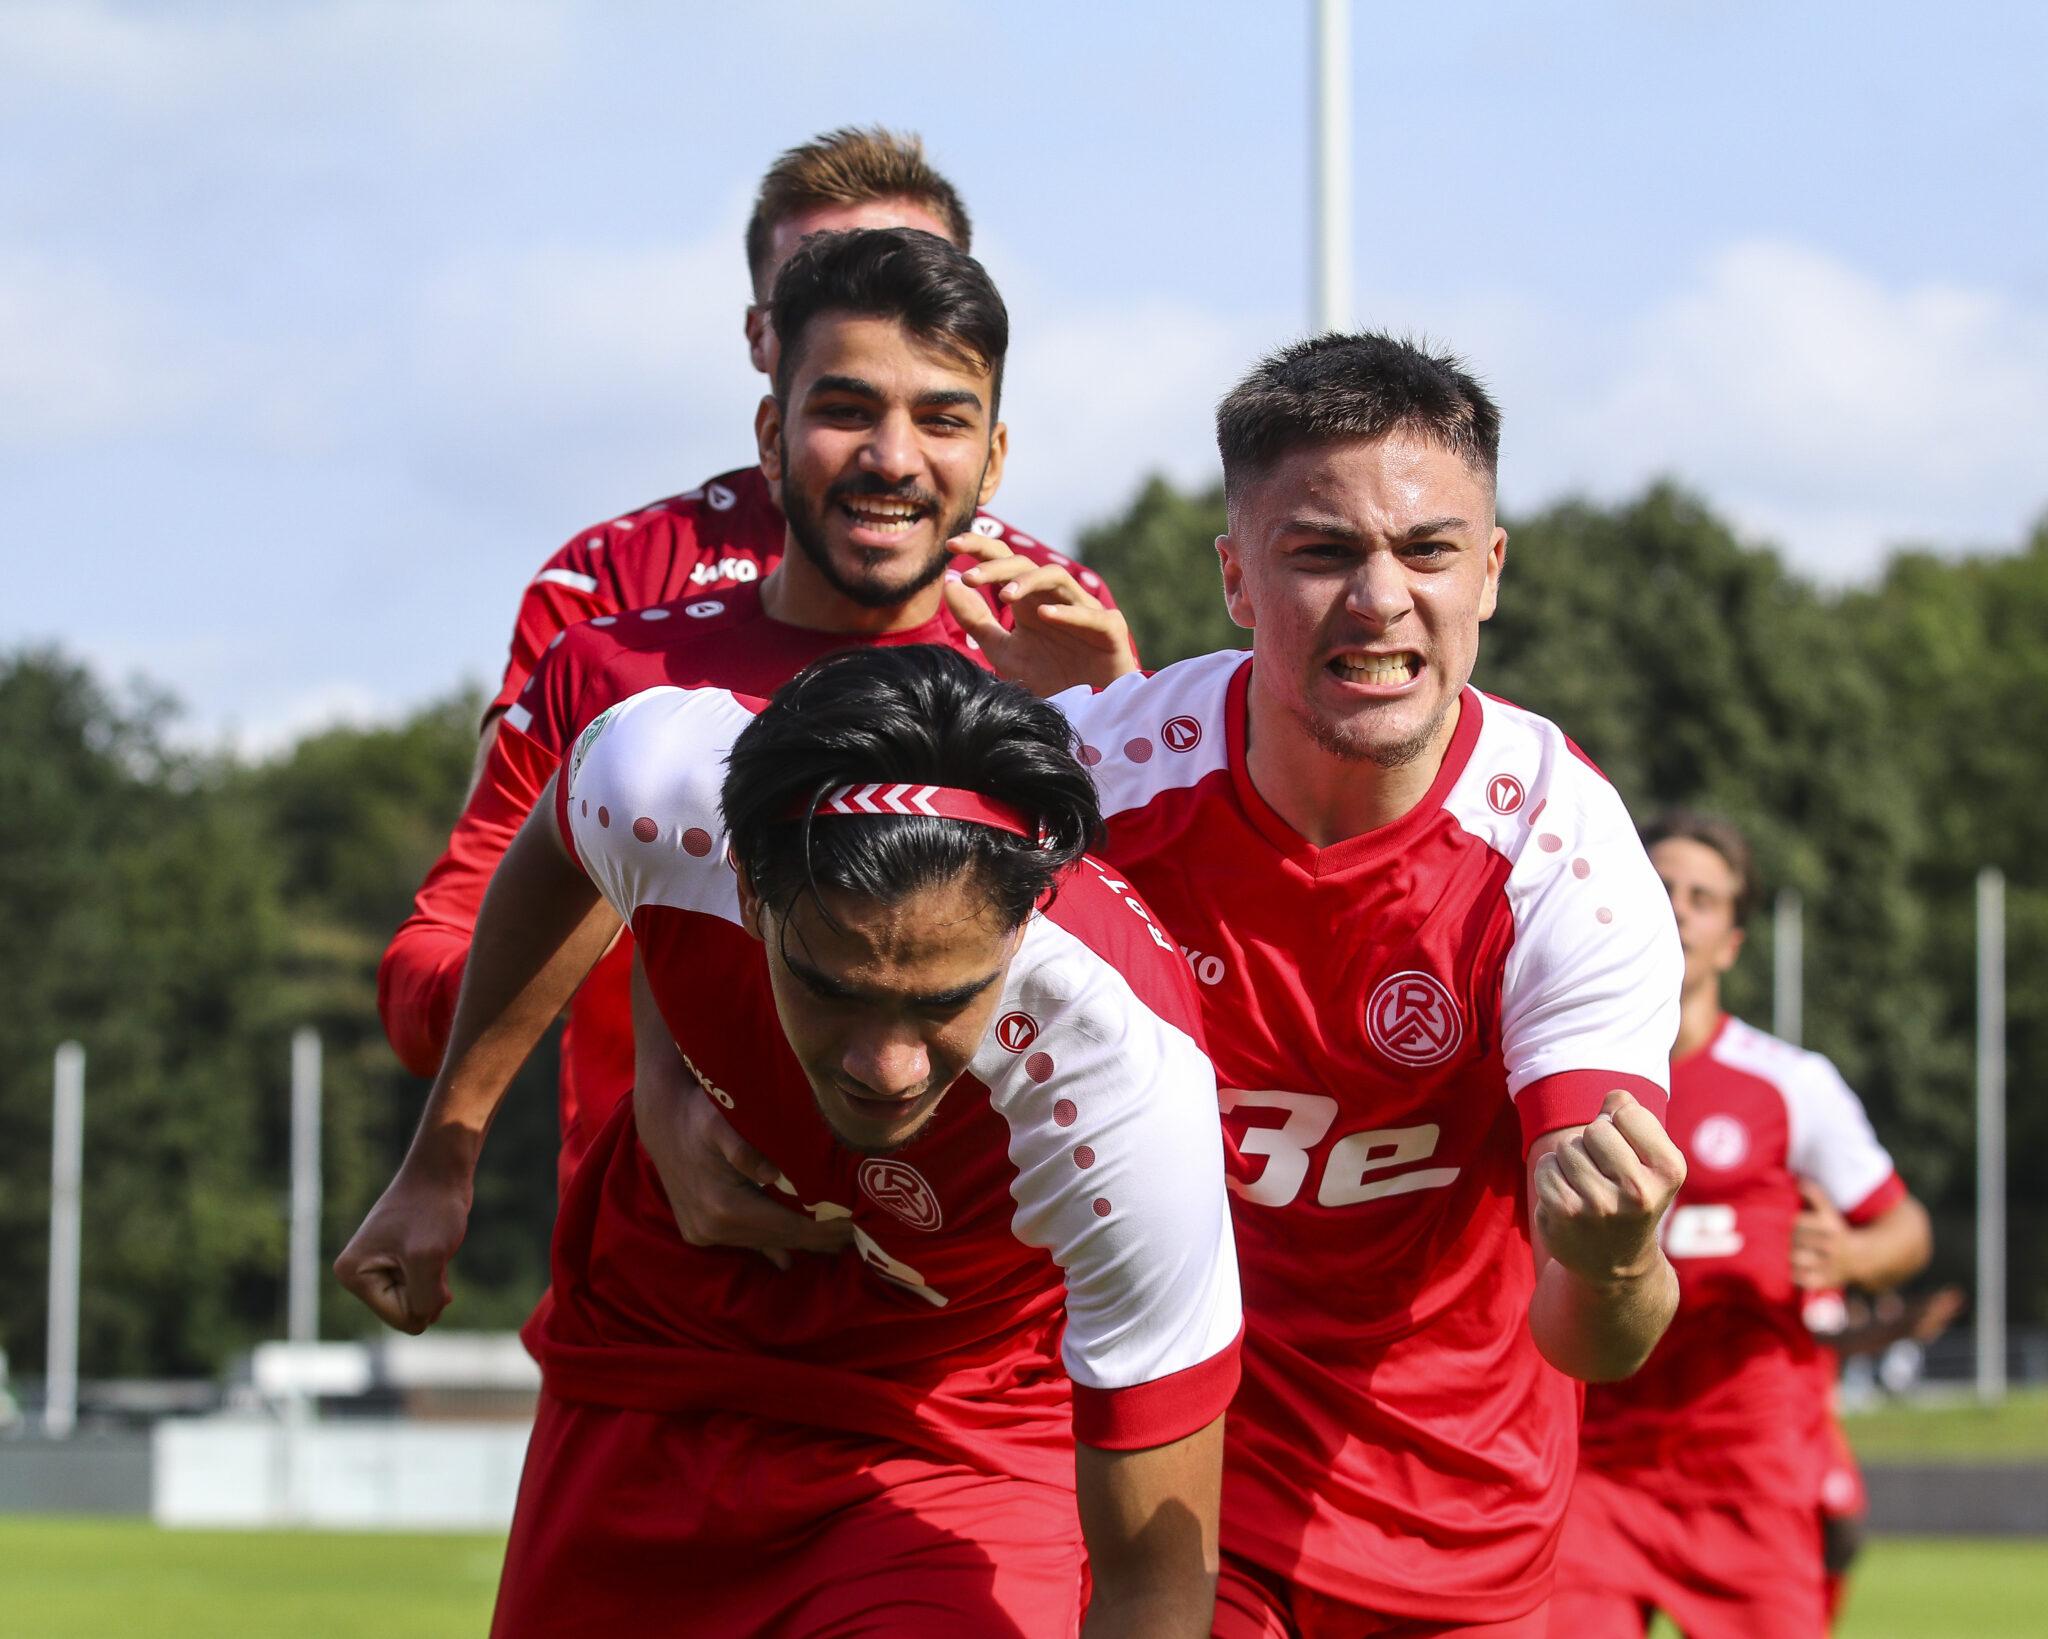 Seumannstraße: U19 startet mit Sieg – Rot-Weiss Essen